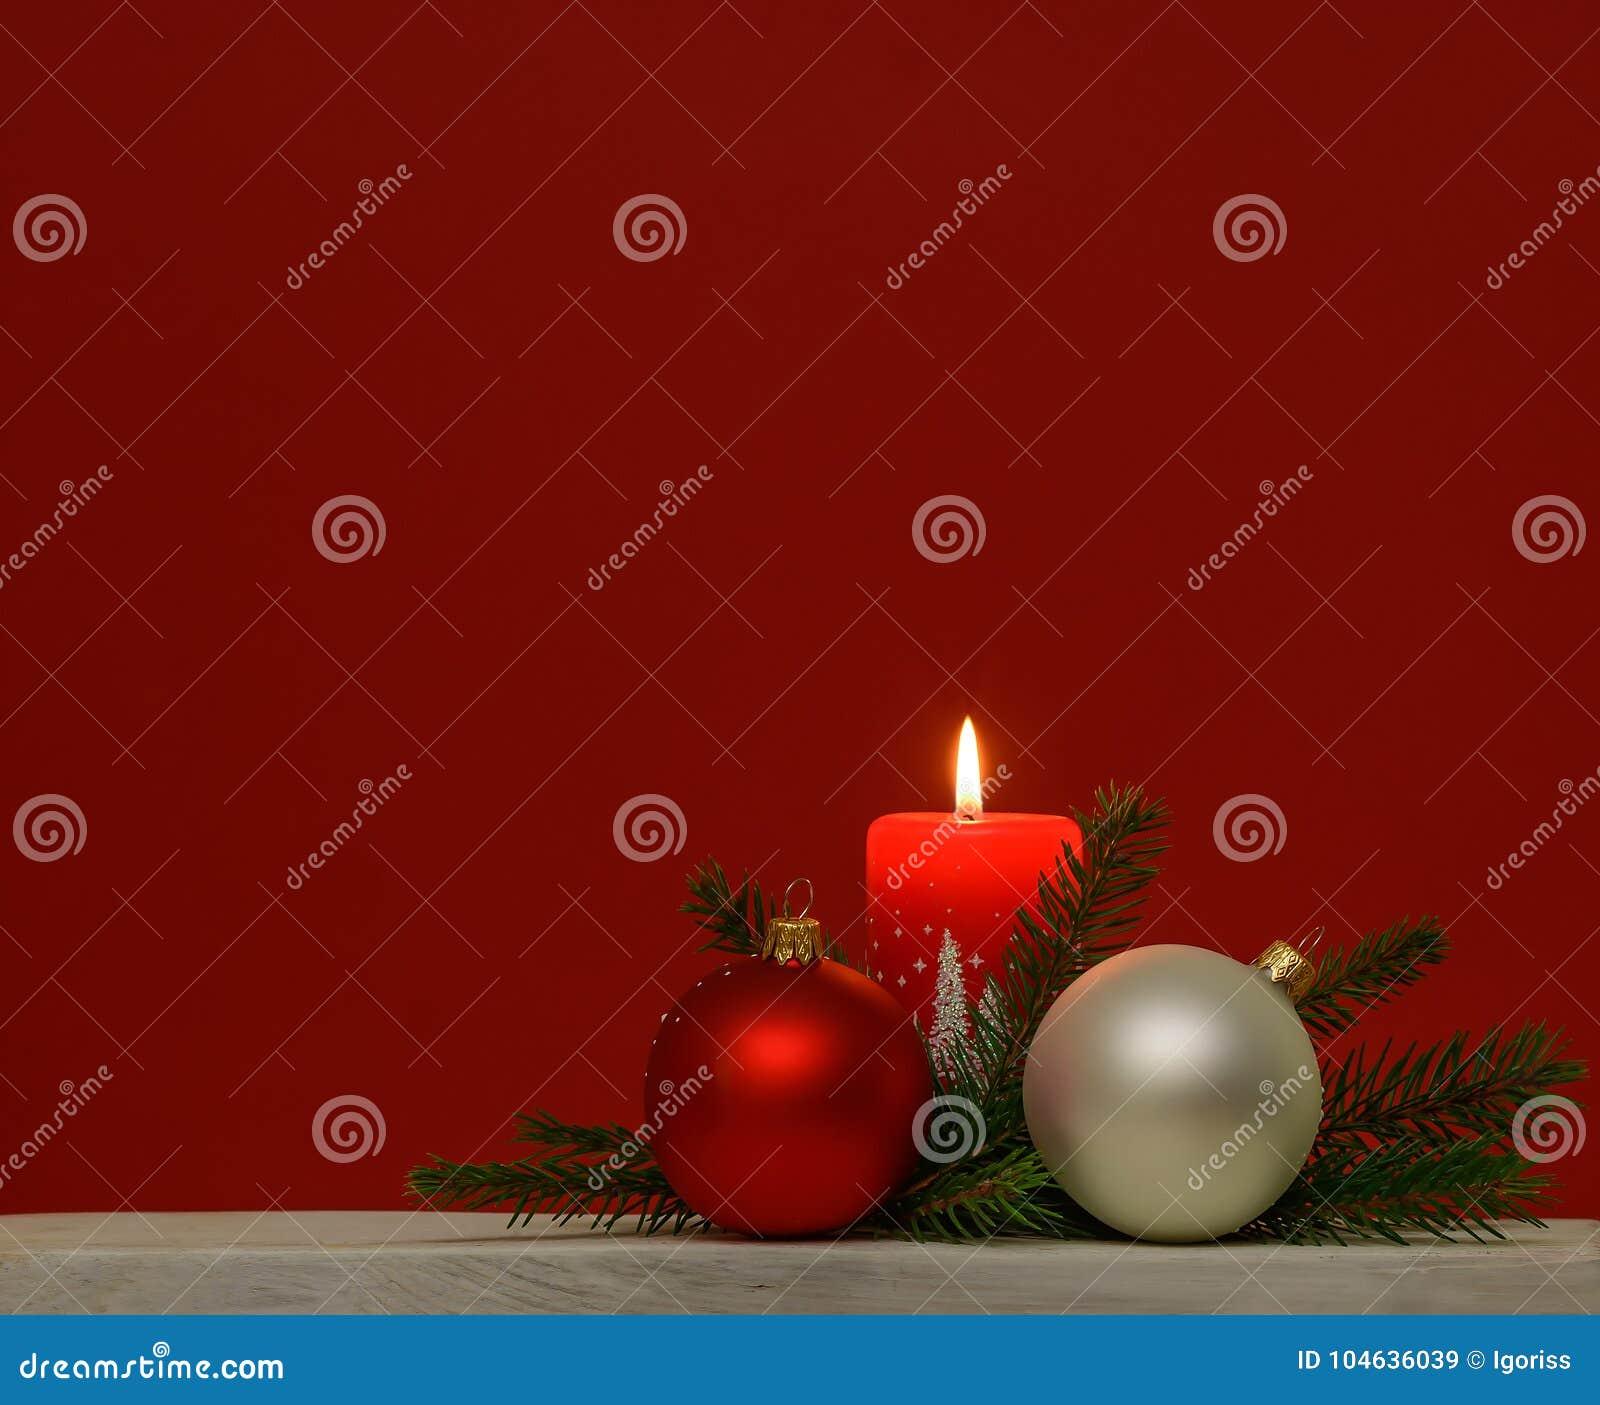 Download Kerstmisachtergrond Met Rode Brandende Kaars Stock Afbeelding - Afbeelding bestaande uit exemplaar, vlam: 104636039